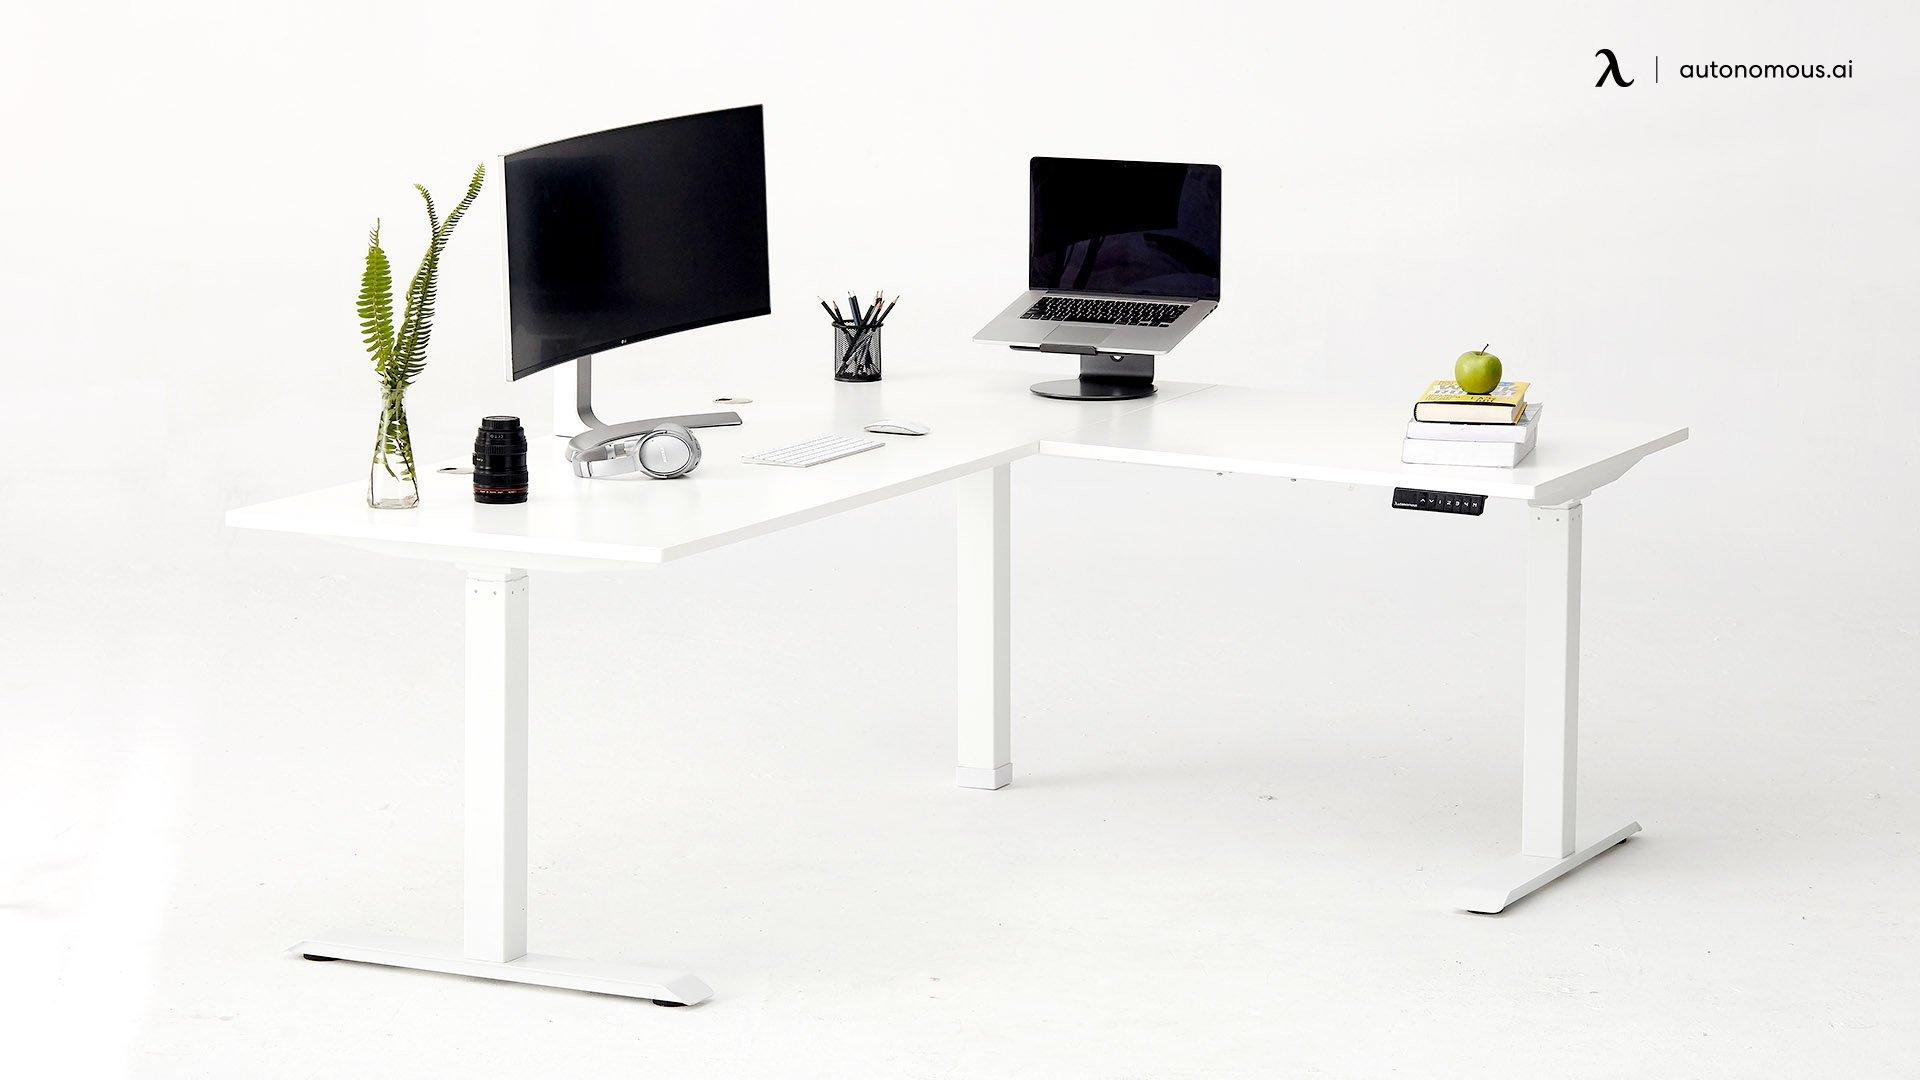 L-Shaped Standing Desk from Autonomous